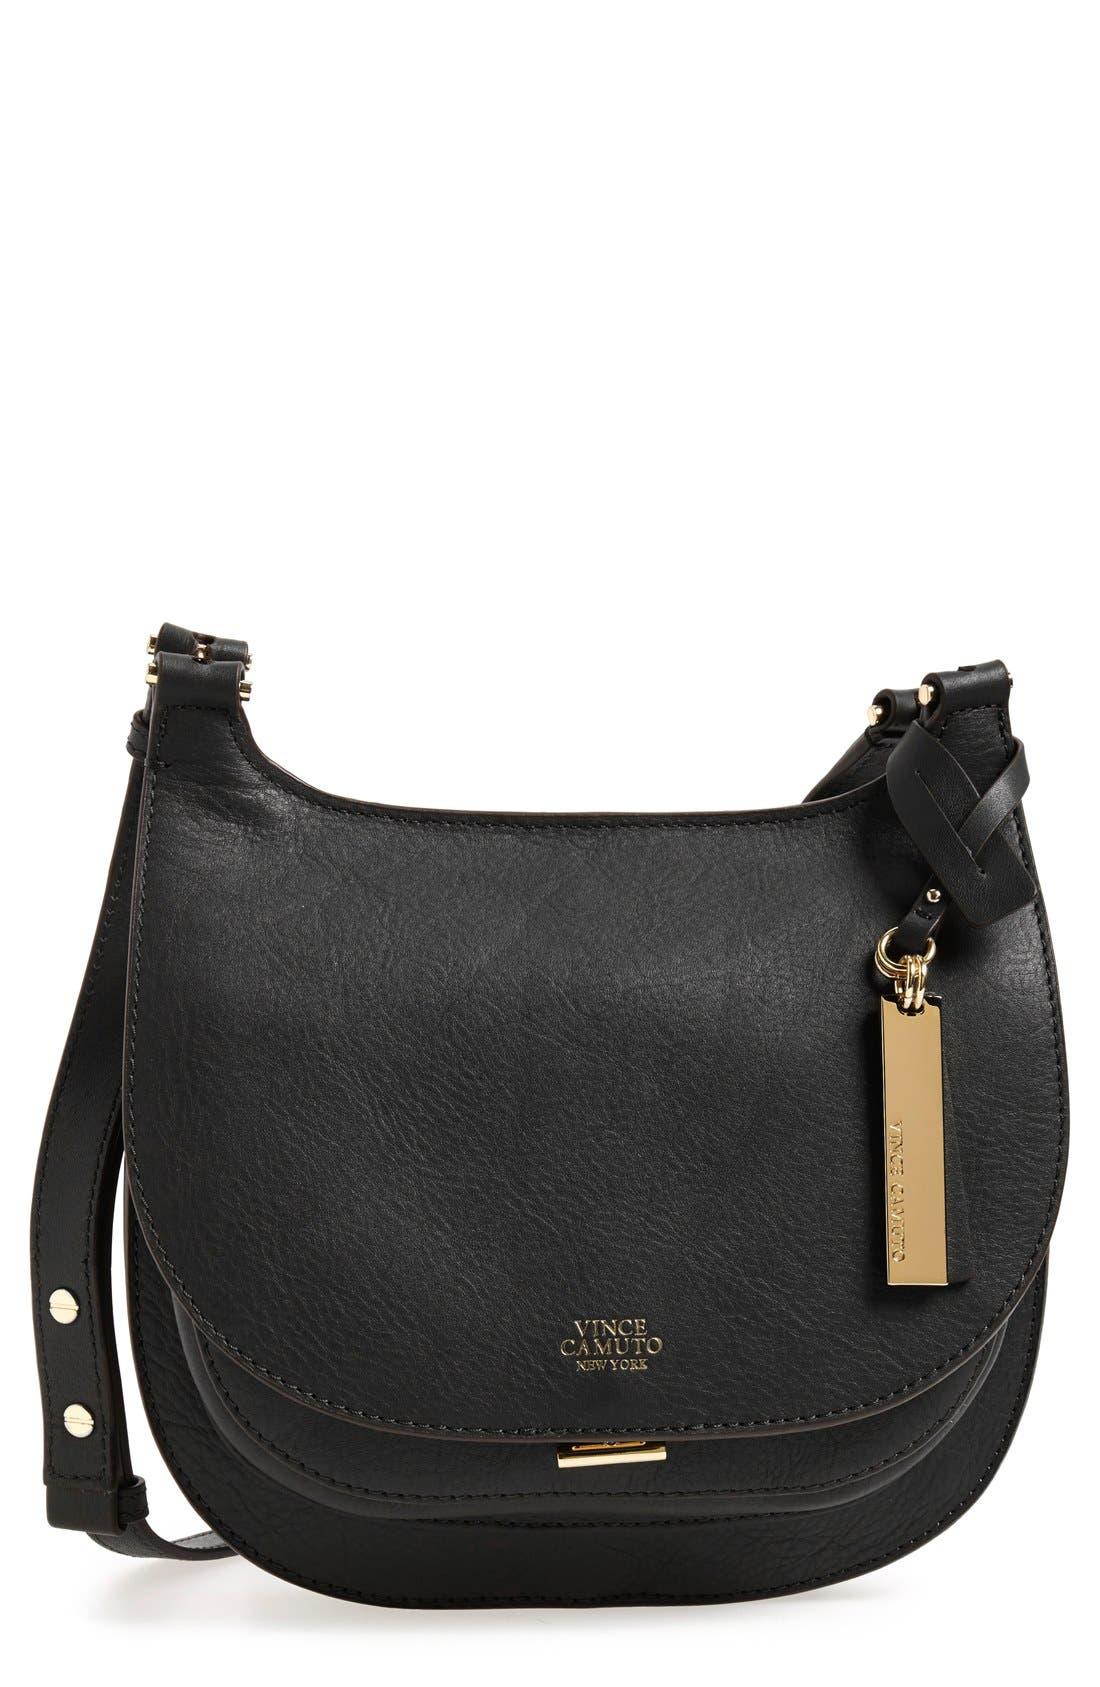 Main Image - Vince Camuto 'Small Elyza' Crossbody Bag